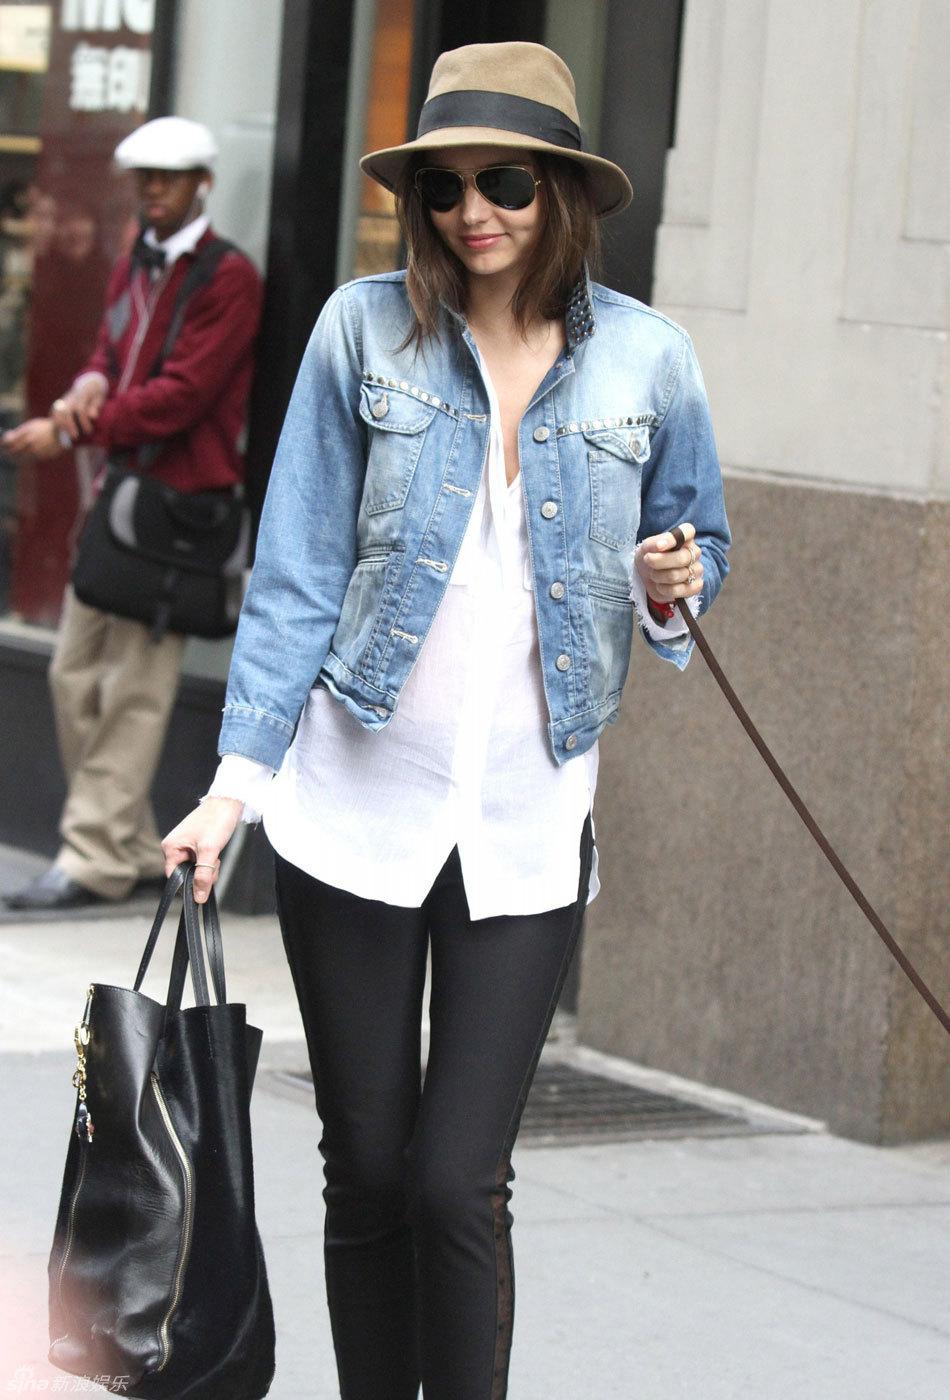 高清组图:超模米兰达-可儿街拍牛仔外套搭衬衣图片